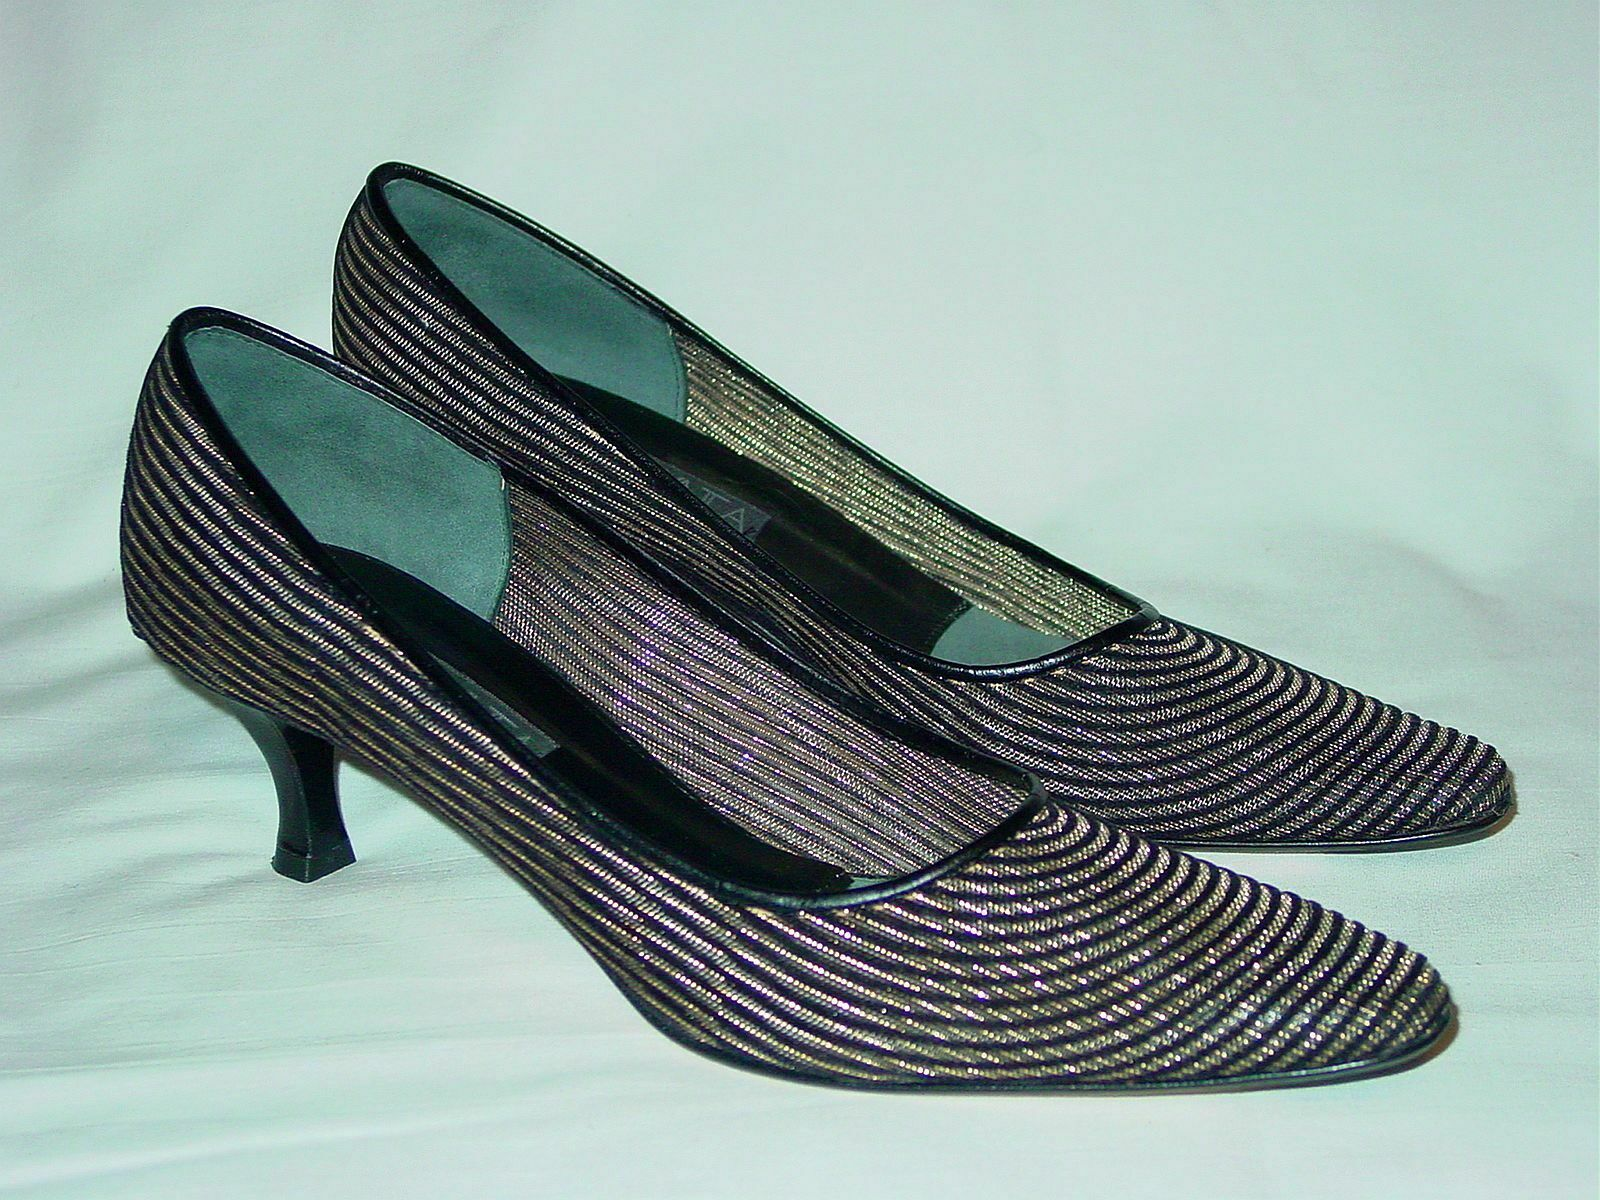 a buon mercato donna Sexy PREVATA    Mesh nero oro Metallic Pumps Heels scarpe 10 AA Nice  vendita economica